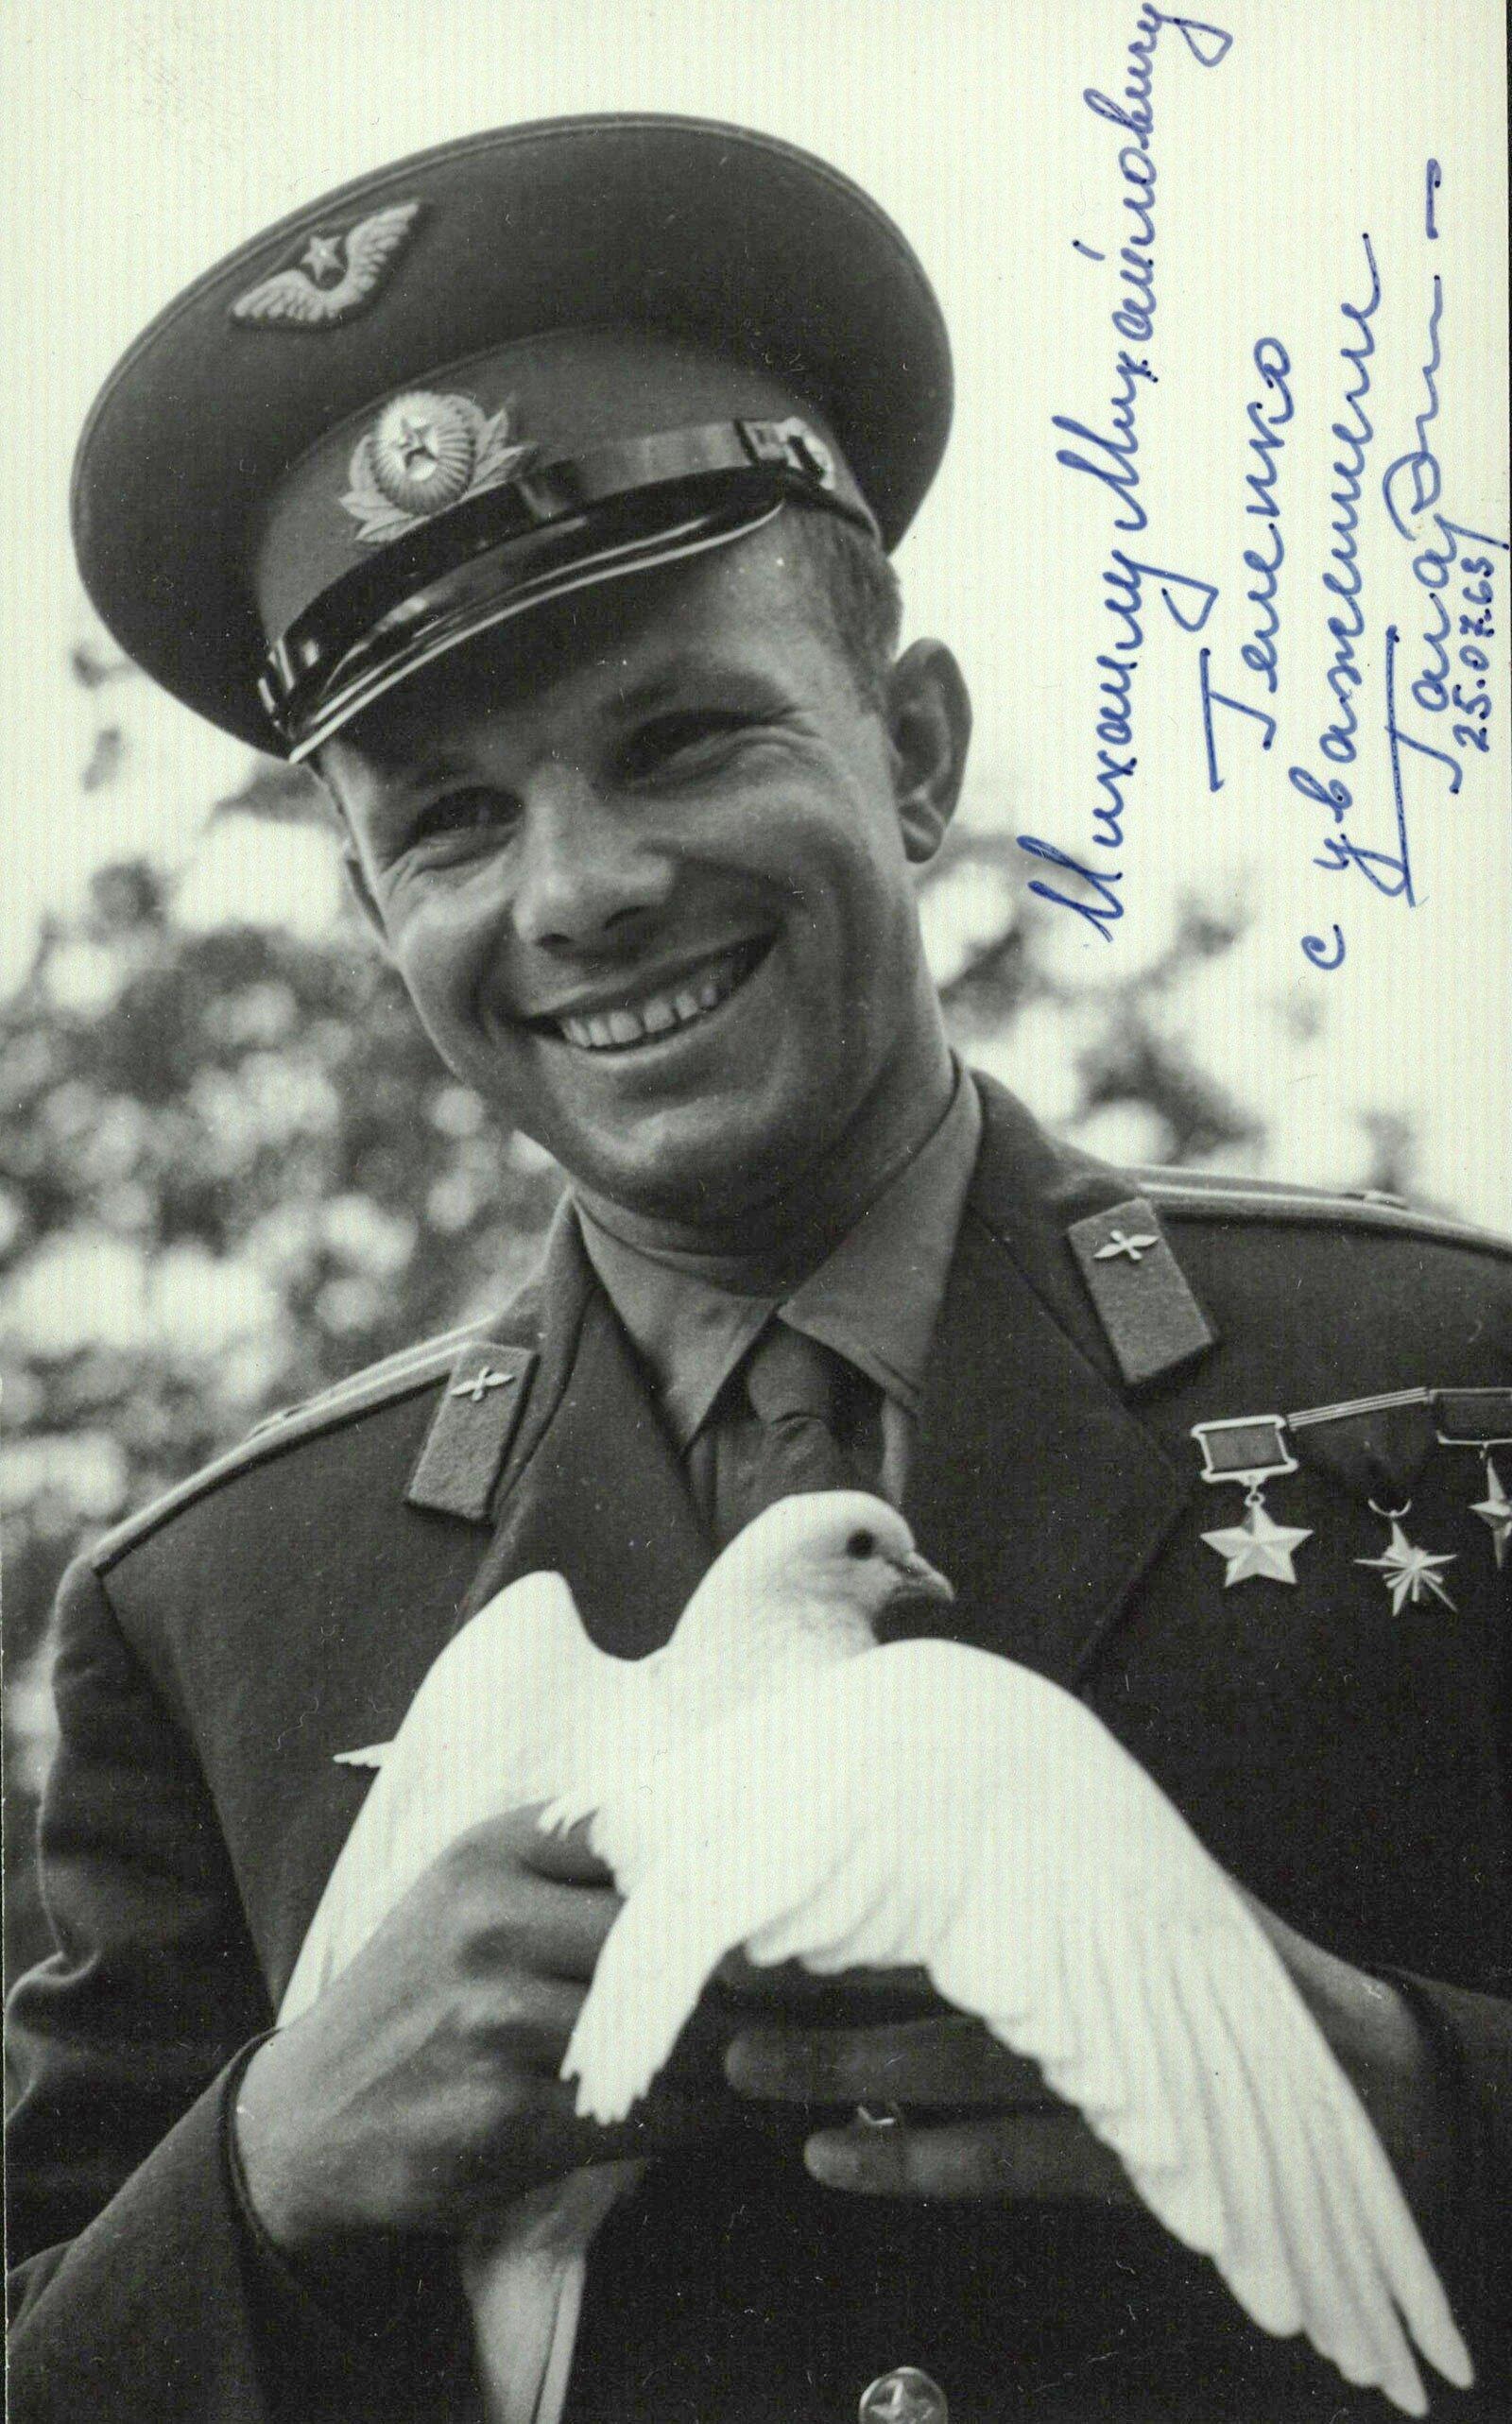 Портрет Юрия Гагарина. Фото П. Барашева. Болгария, София, 1961 год